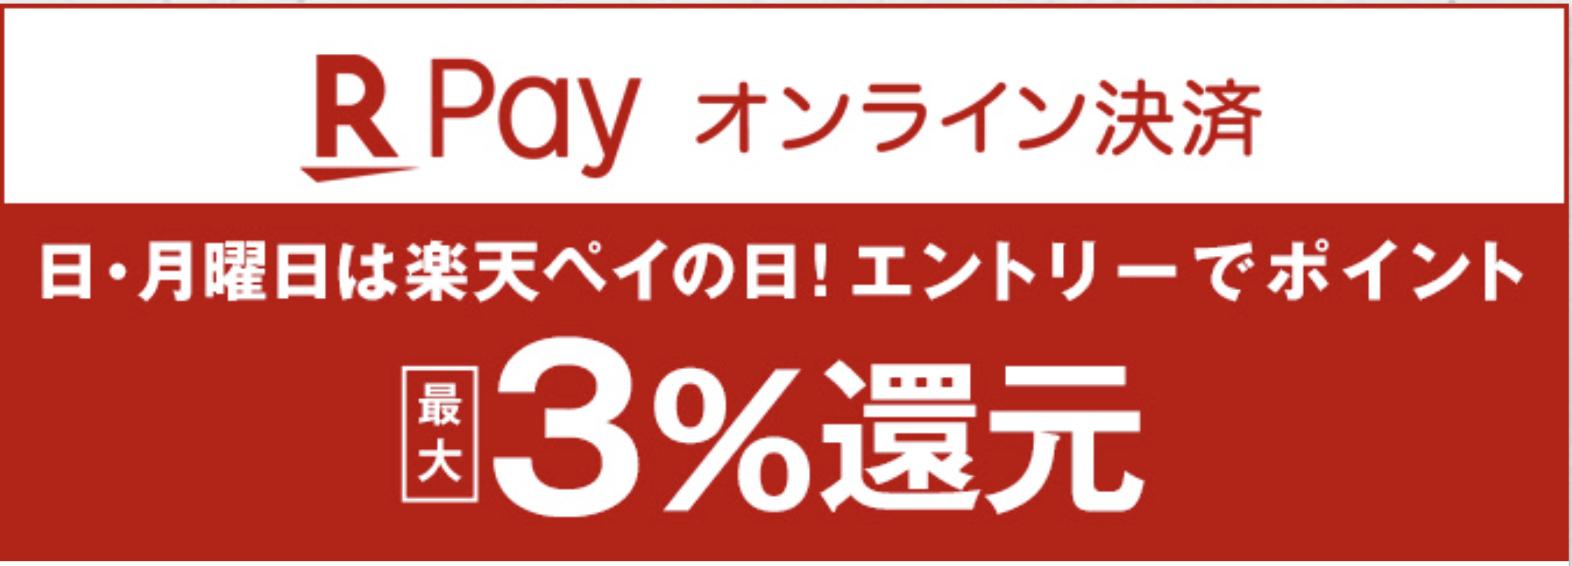 楽天ペイ3%還元